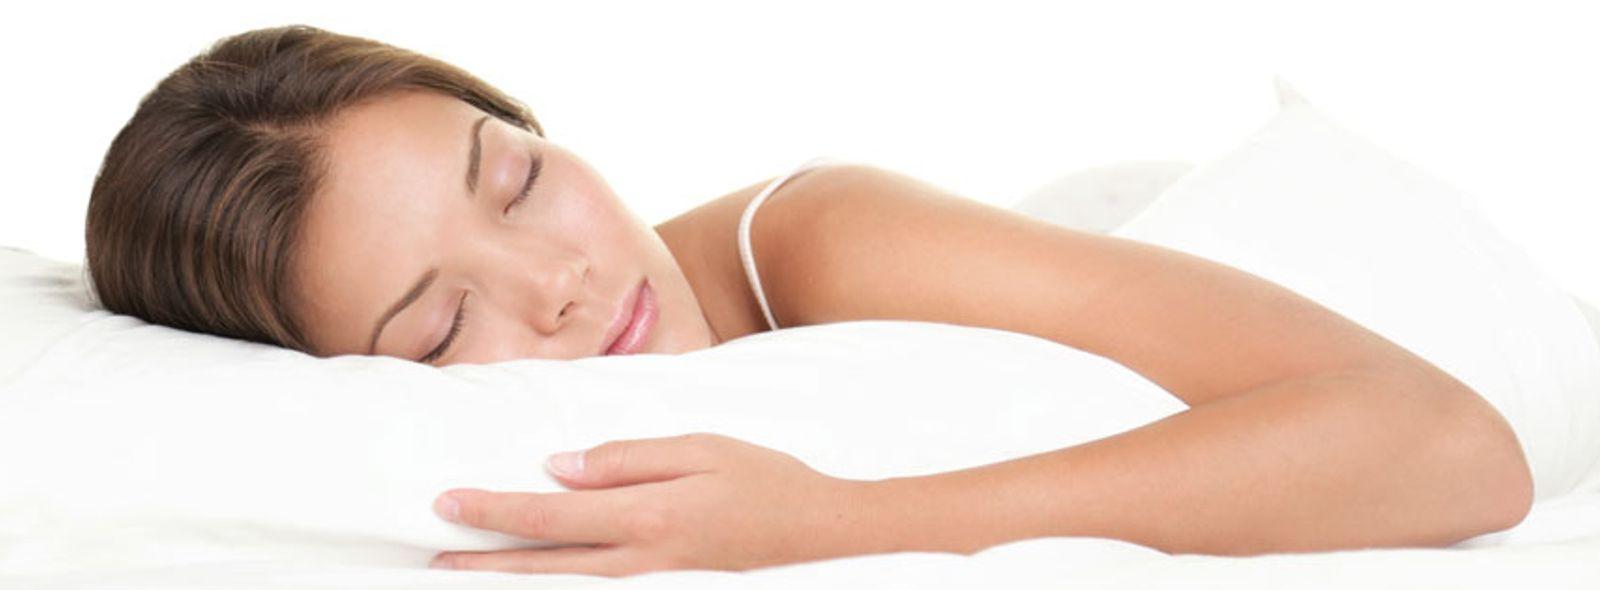 Dormire troppo fa ingrassare?